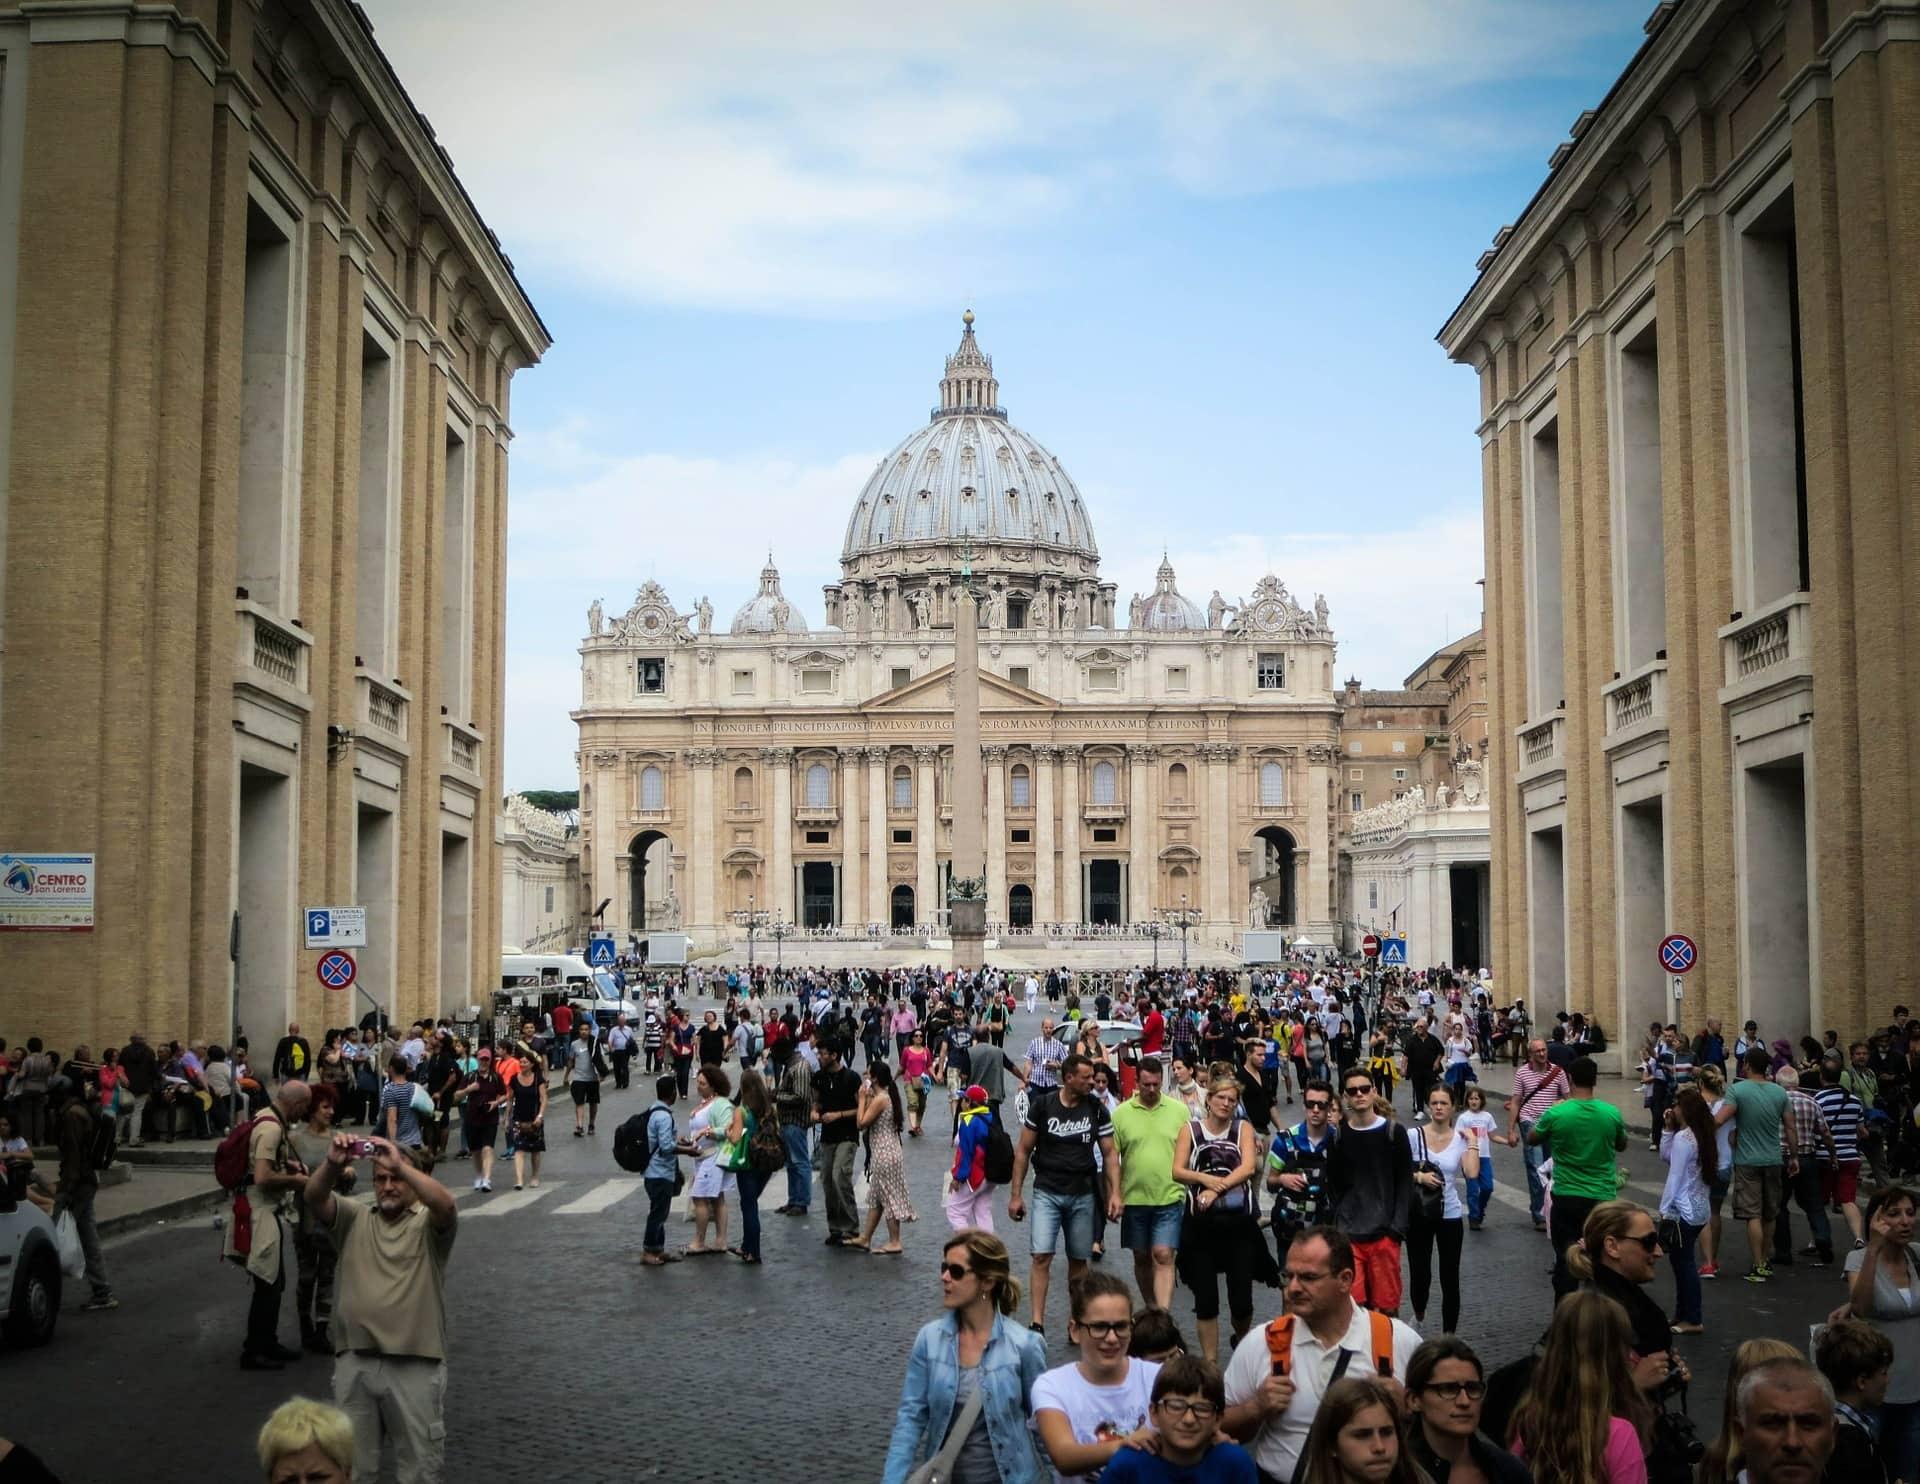 כל מה שיש לראות ברומא - אתרים, אטרקציות ומוקדי עניין